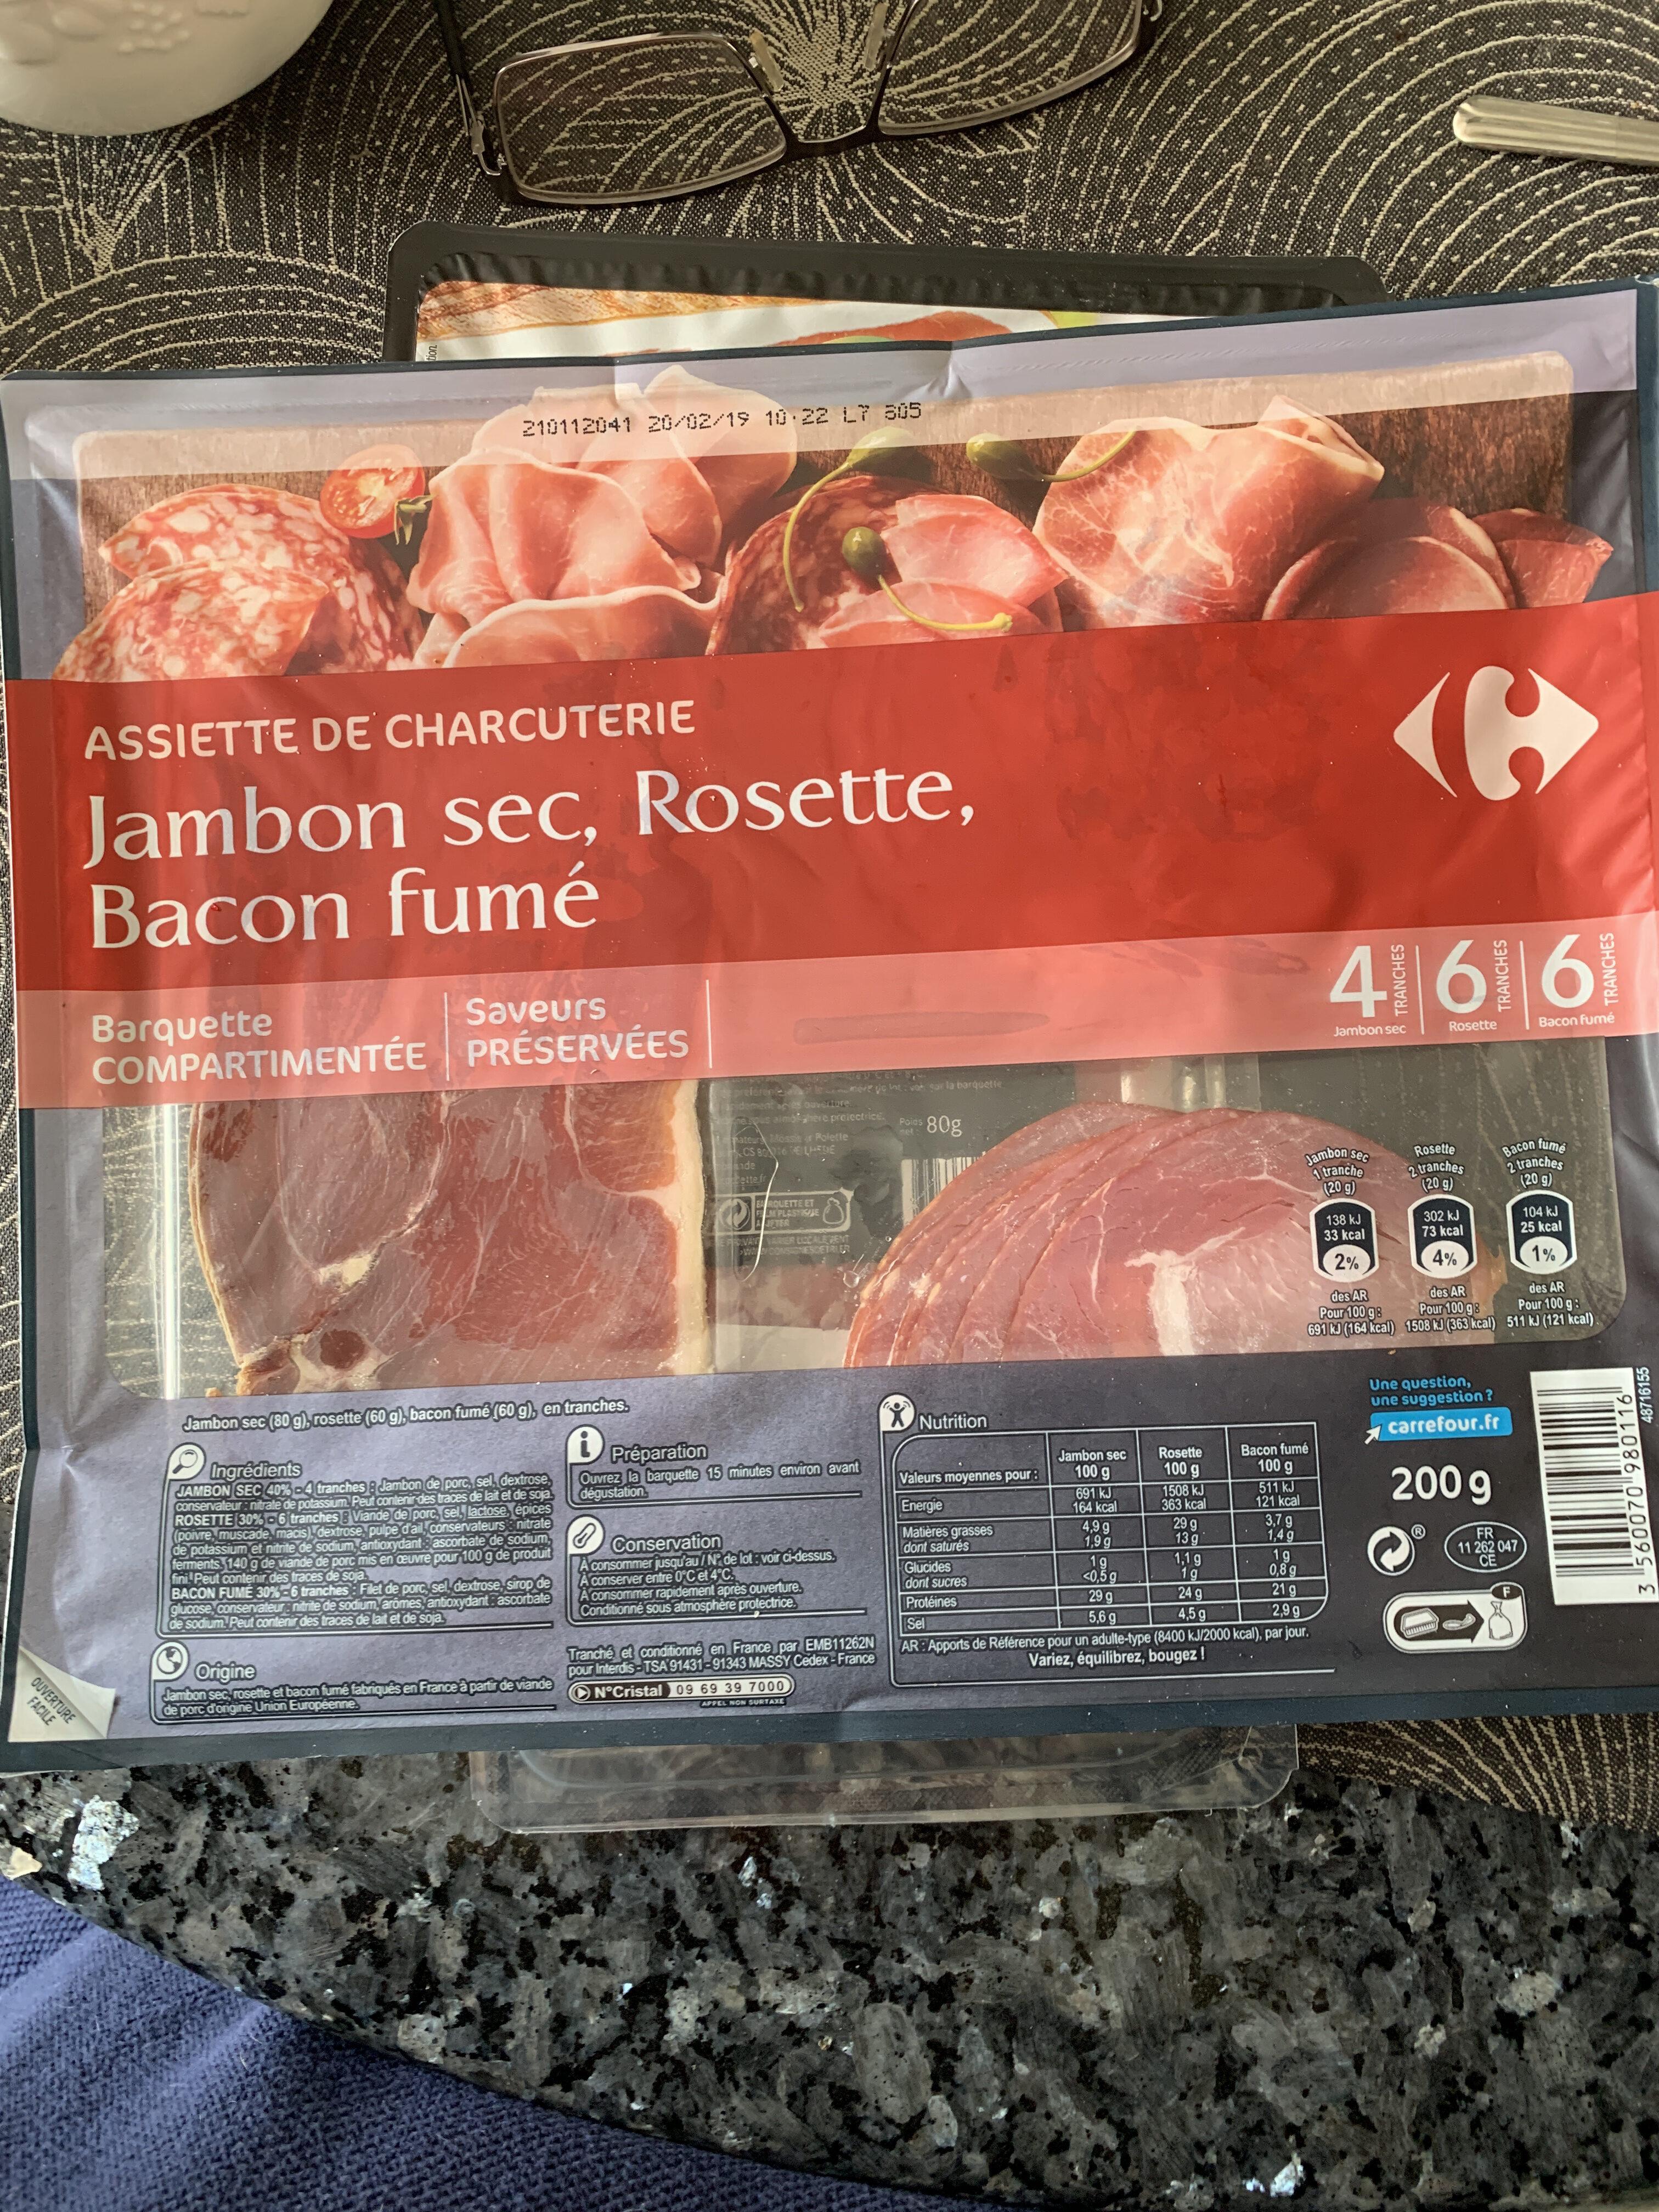 Assiette de charcuterie Jambon sec, Rosette, Bacon fumé - Product - fr